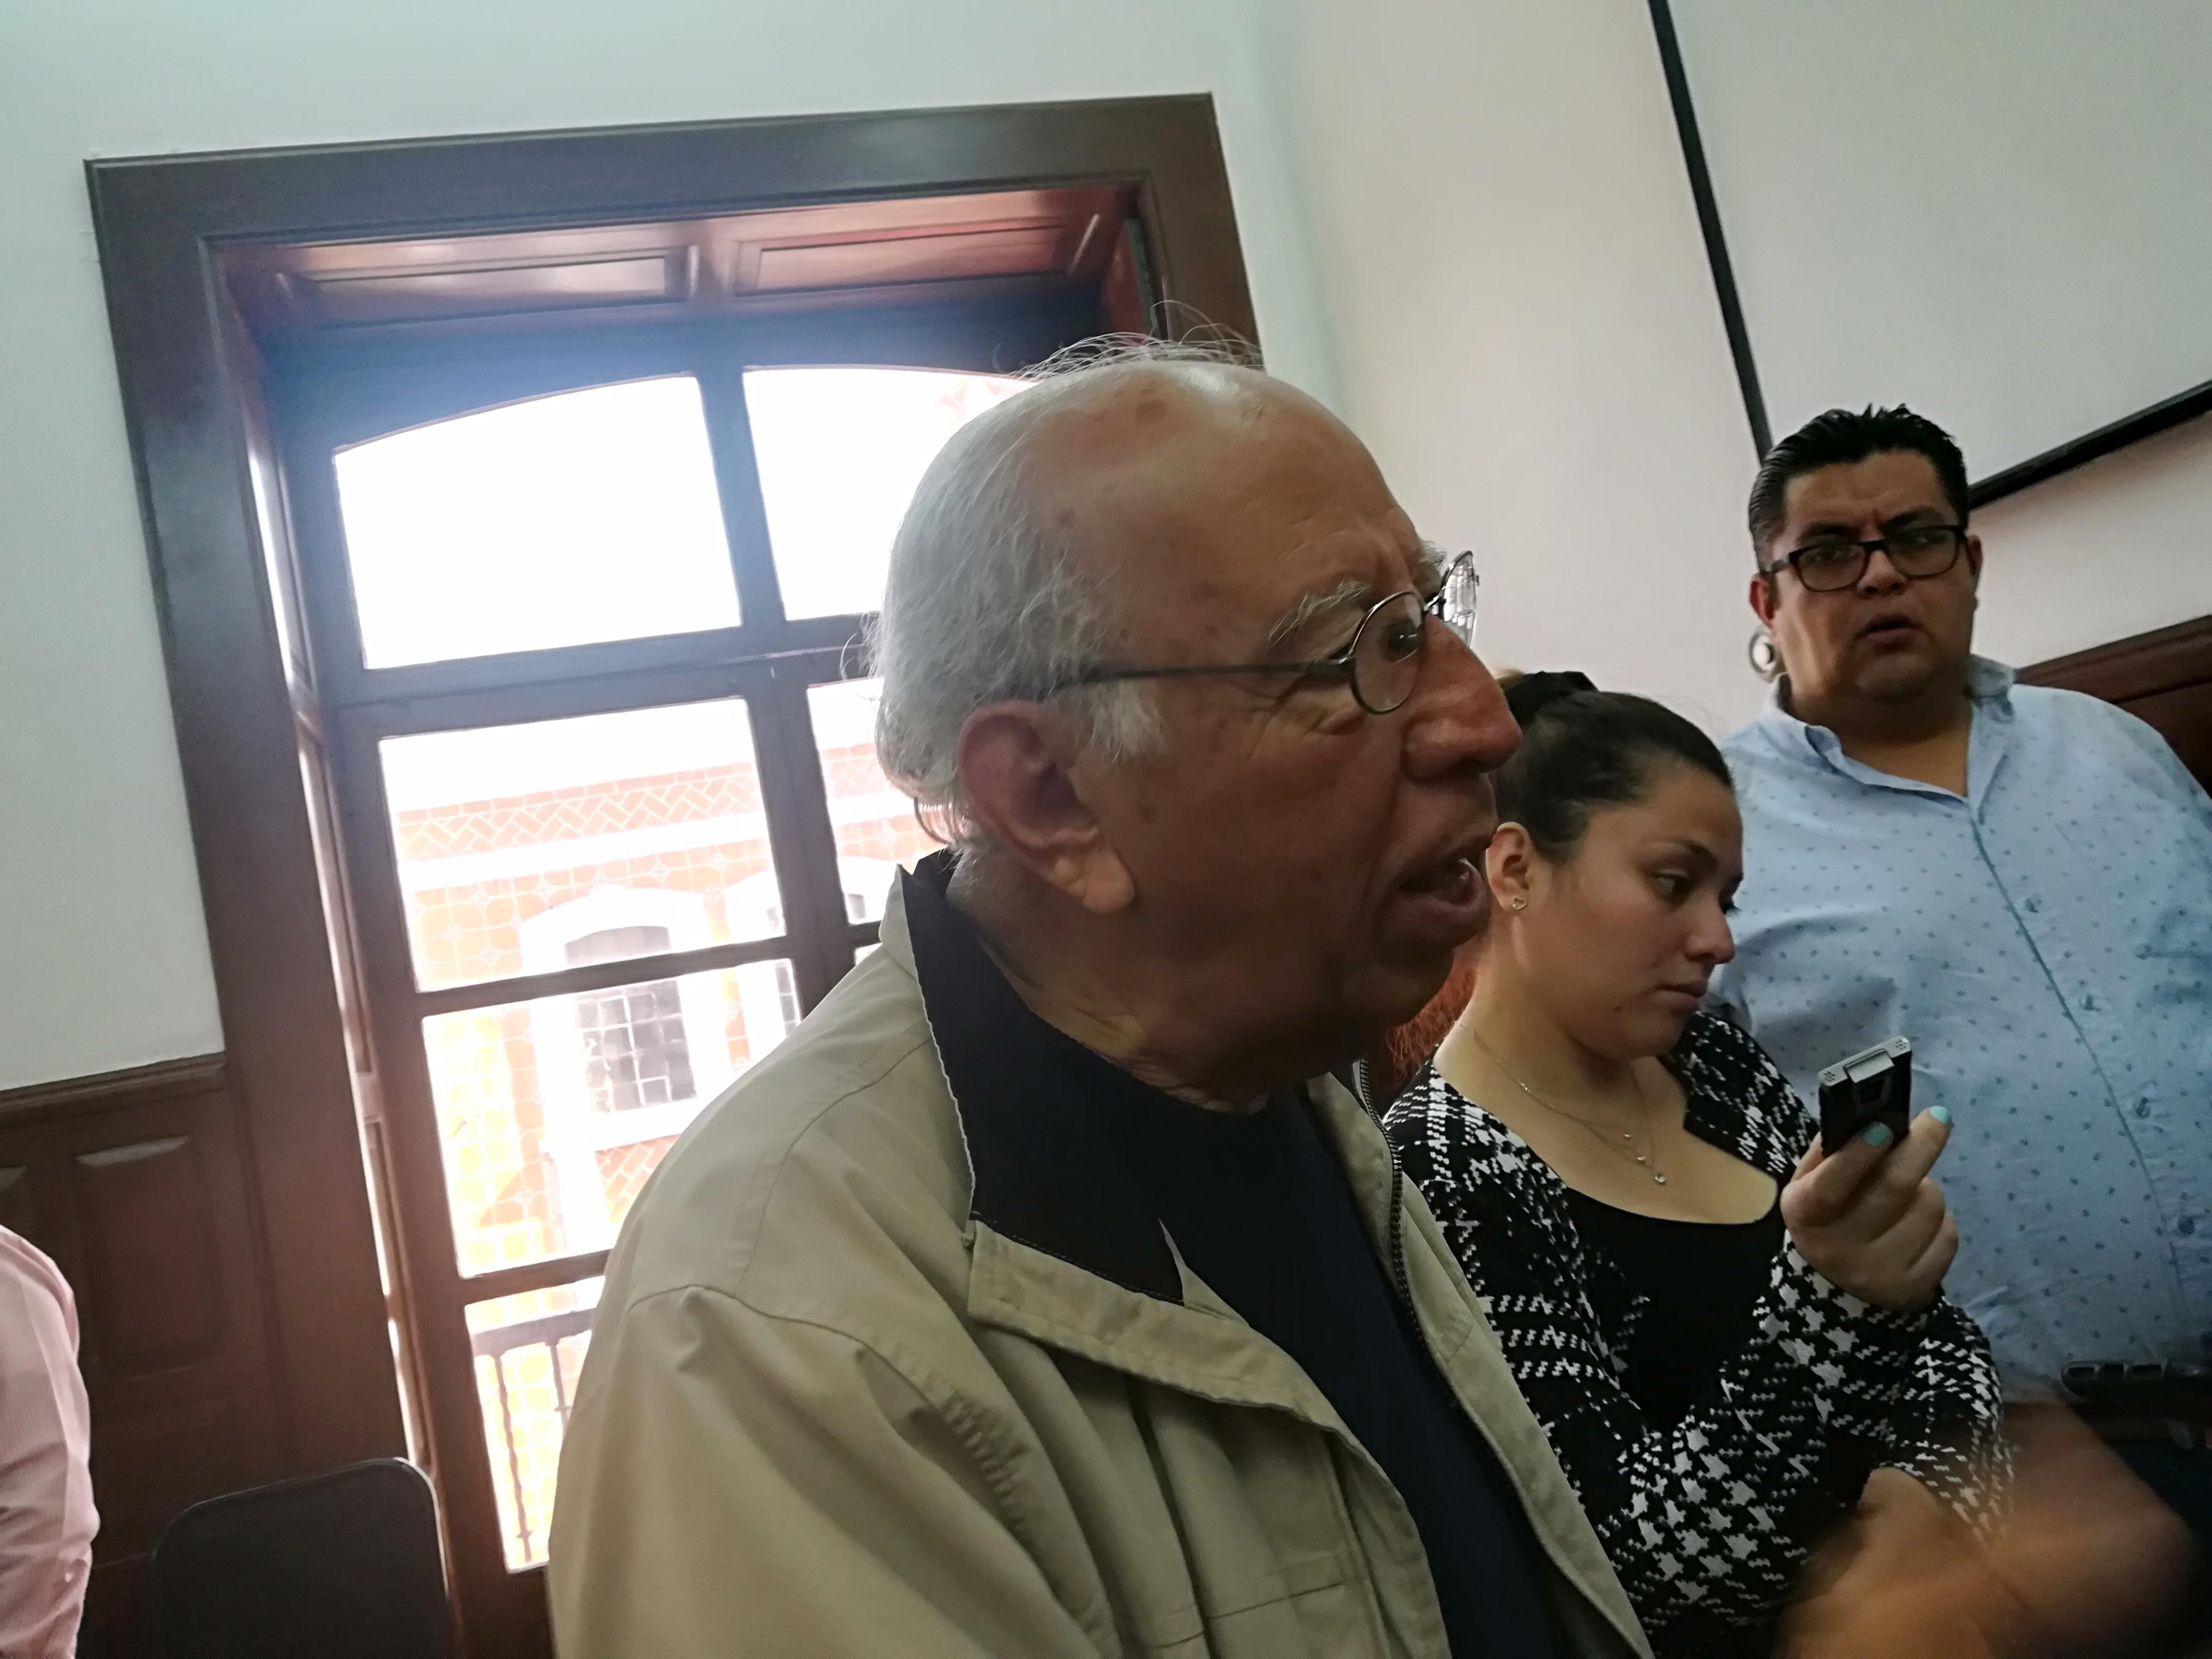 Puede frenarse la instalación de bolardos, admitió el regidor Chávez Palma